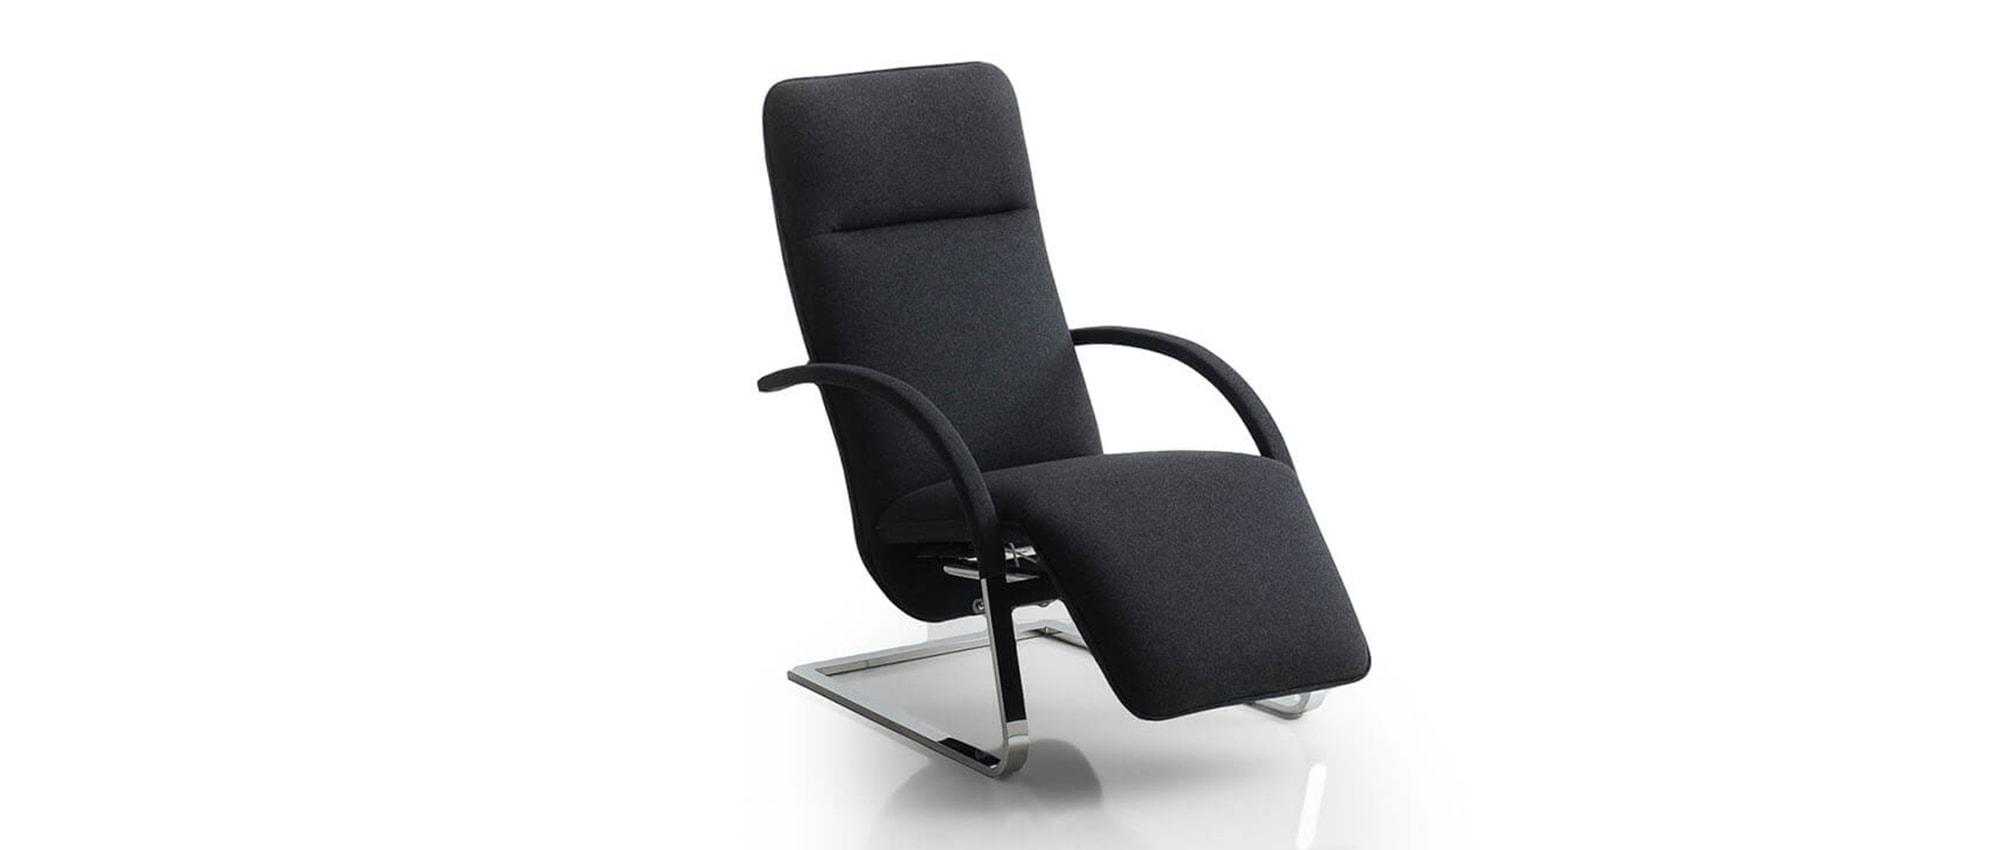 FINO XL, FINO Relaxsessel von Franz Fertig in schwarz mit Flachstahl Gestell. Rundrohrgestell auch möglich. Sessel mit Relaxposition. Designersessel von Franz Fertig.